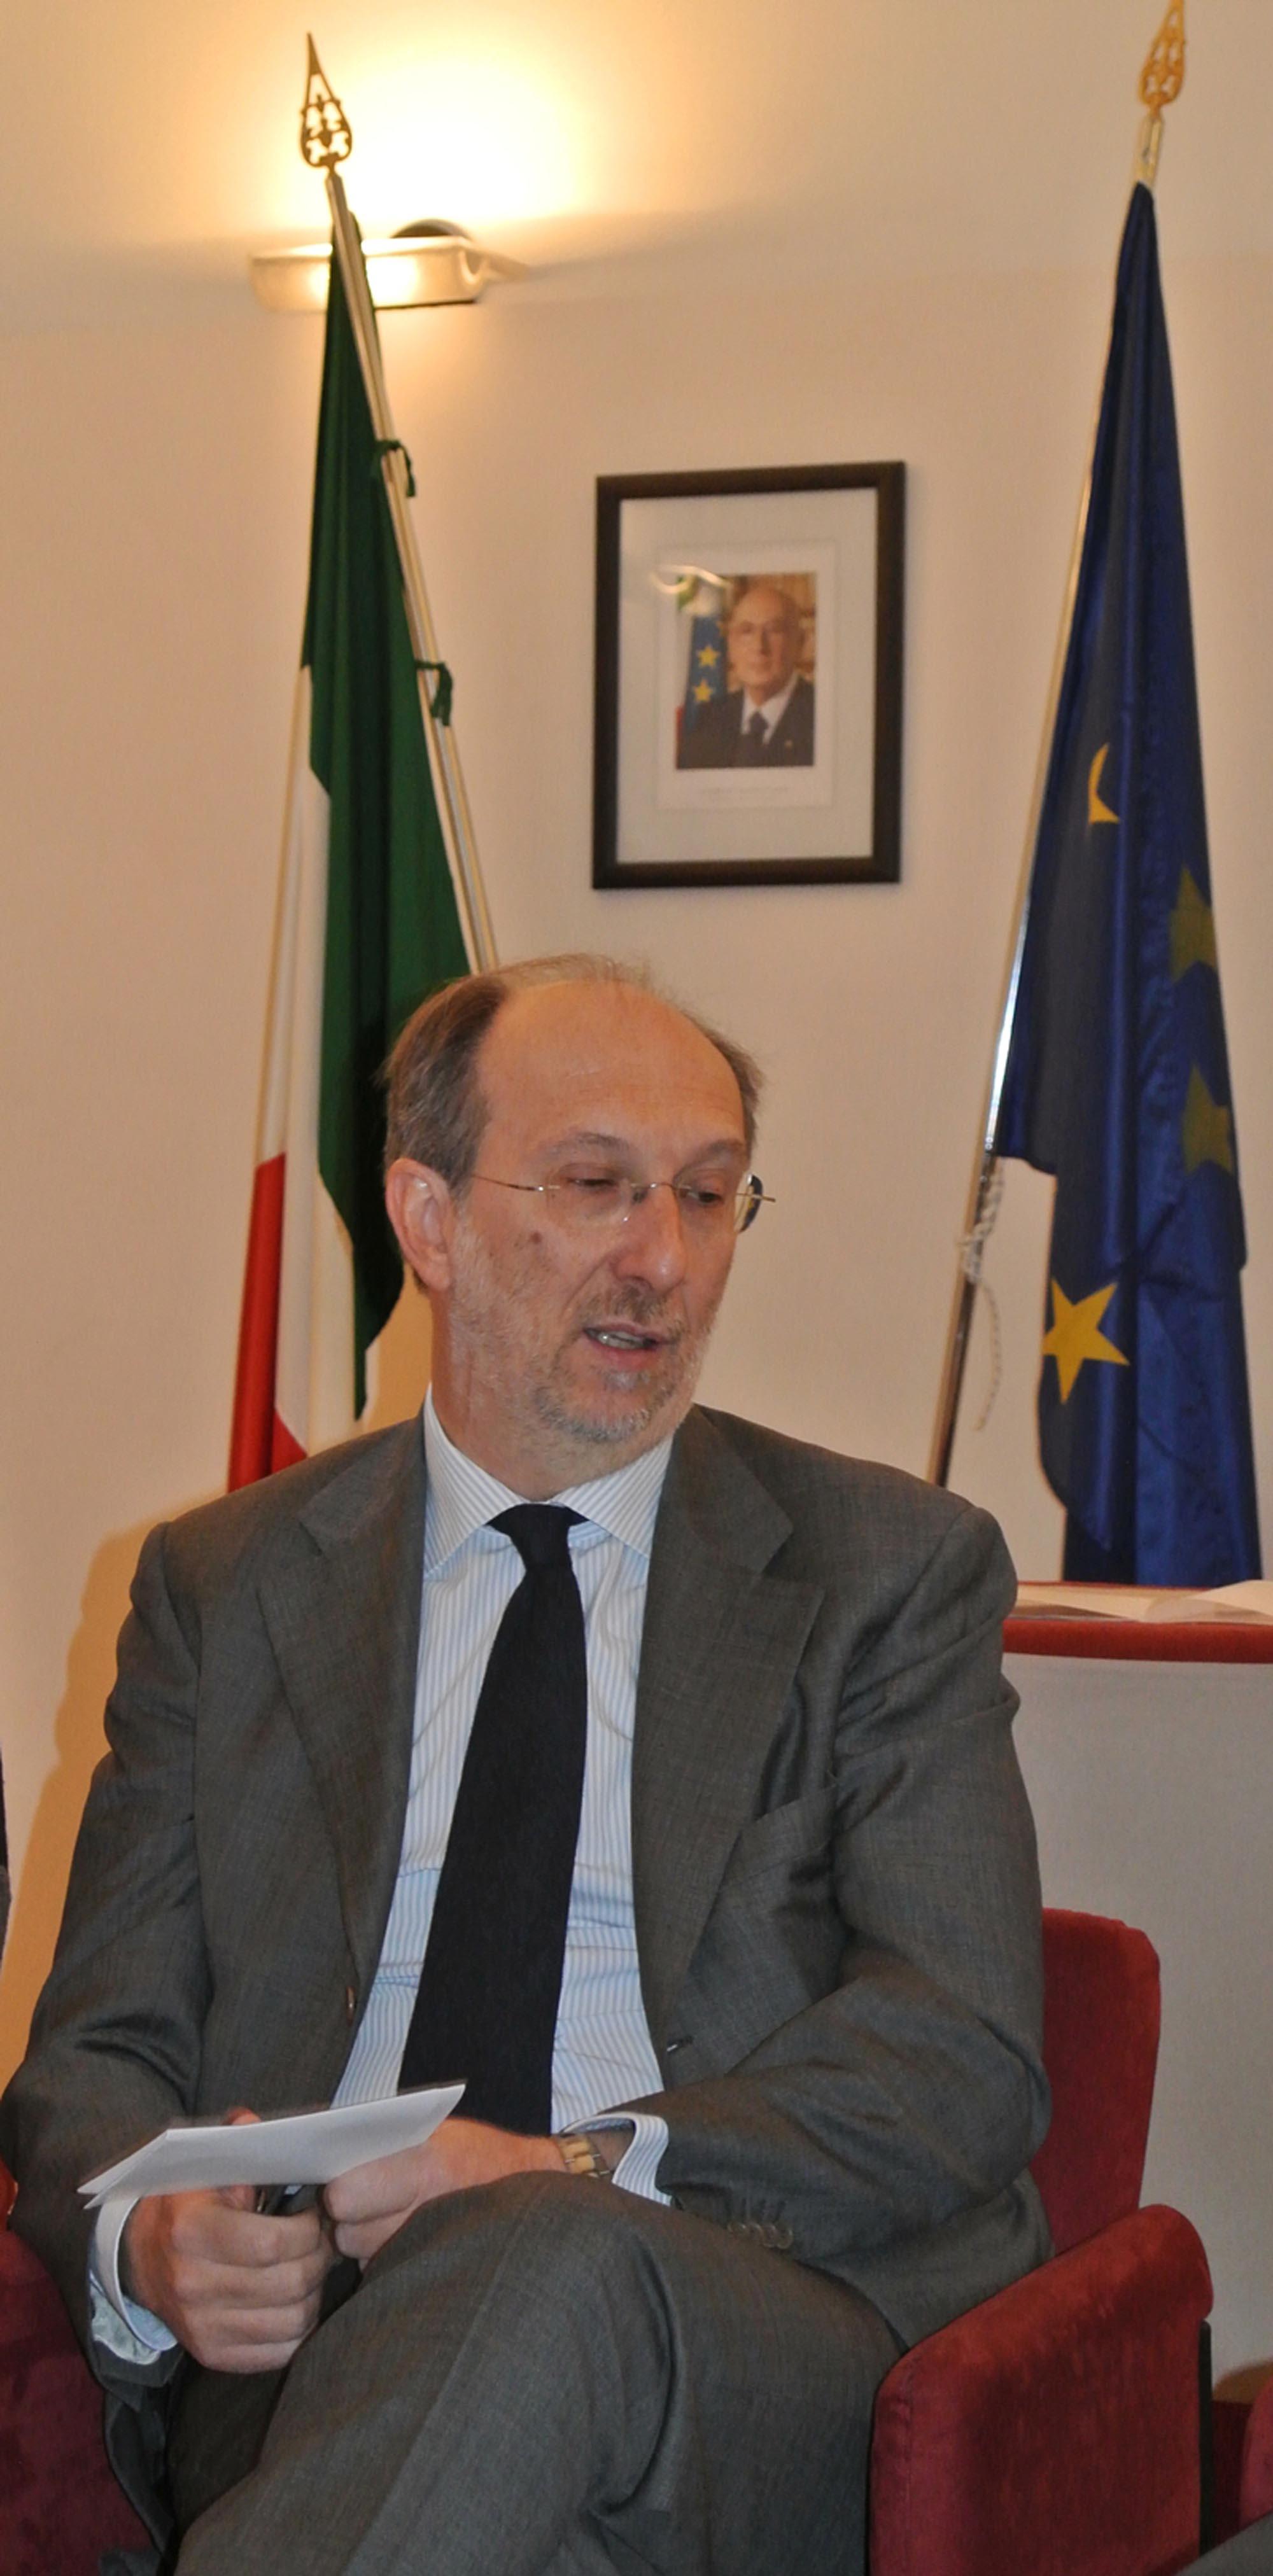 Riccardo Riccardi (Assessore regionale Infrastrutture) all'incontro per la sottoscrizione del Protocollo d'intesa per lo sviluppo della Rete metropolitana a banda larga MAN/Metropolitan Area Network, in Municipio. (Trieste 06/03/13)